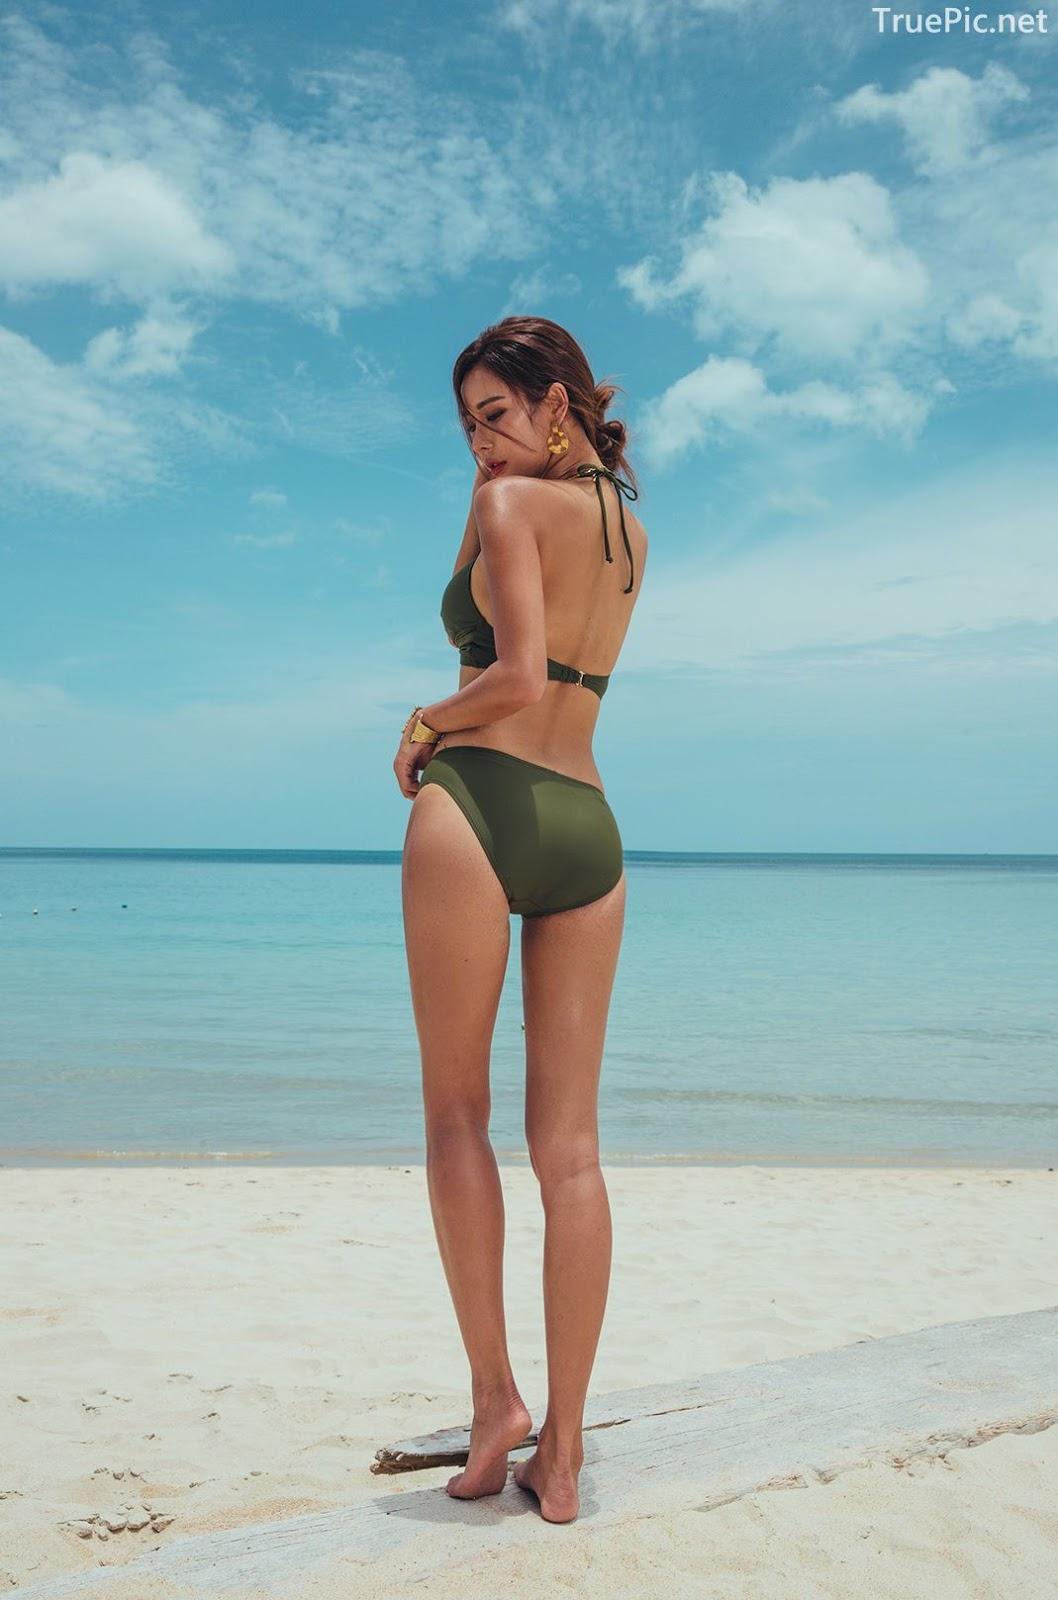 Park Da Hyun - Le Monde Bikini - Korean model and fashion - Picture 10